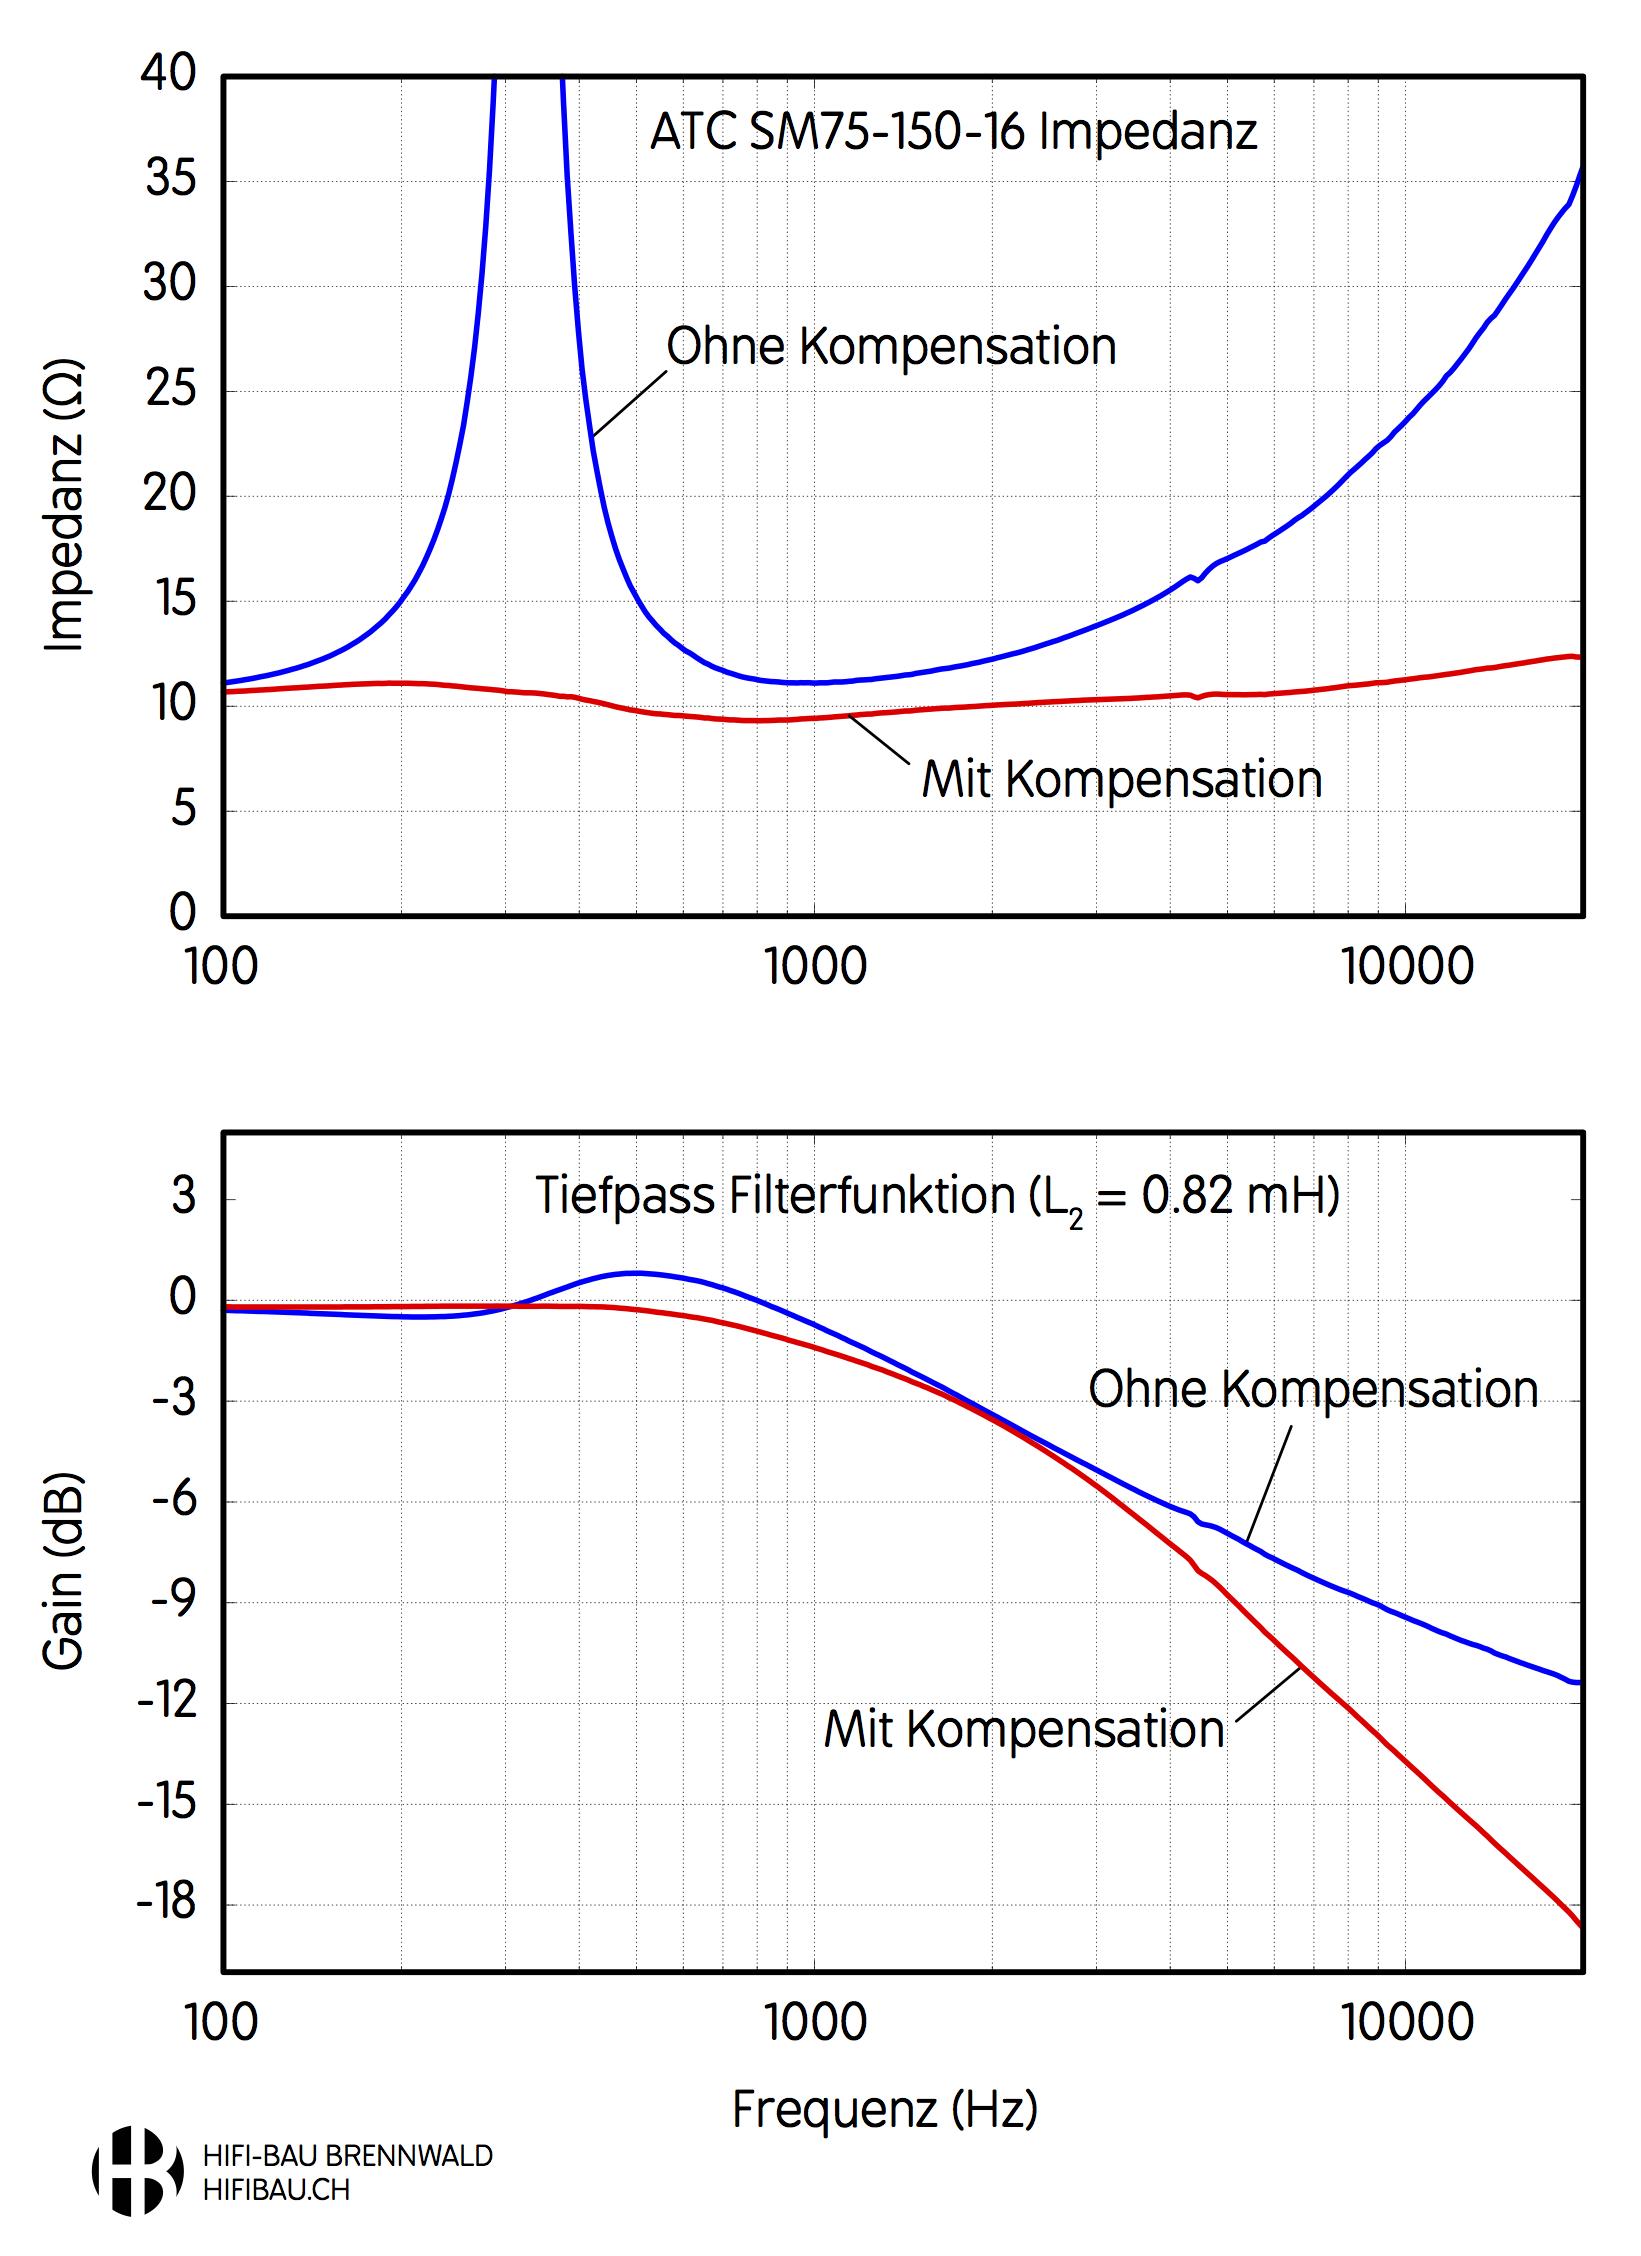 Wirkung der Impedanzkorrektur für den ATC SM75-150 Mitteltöner in der Aurichal